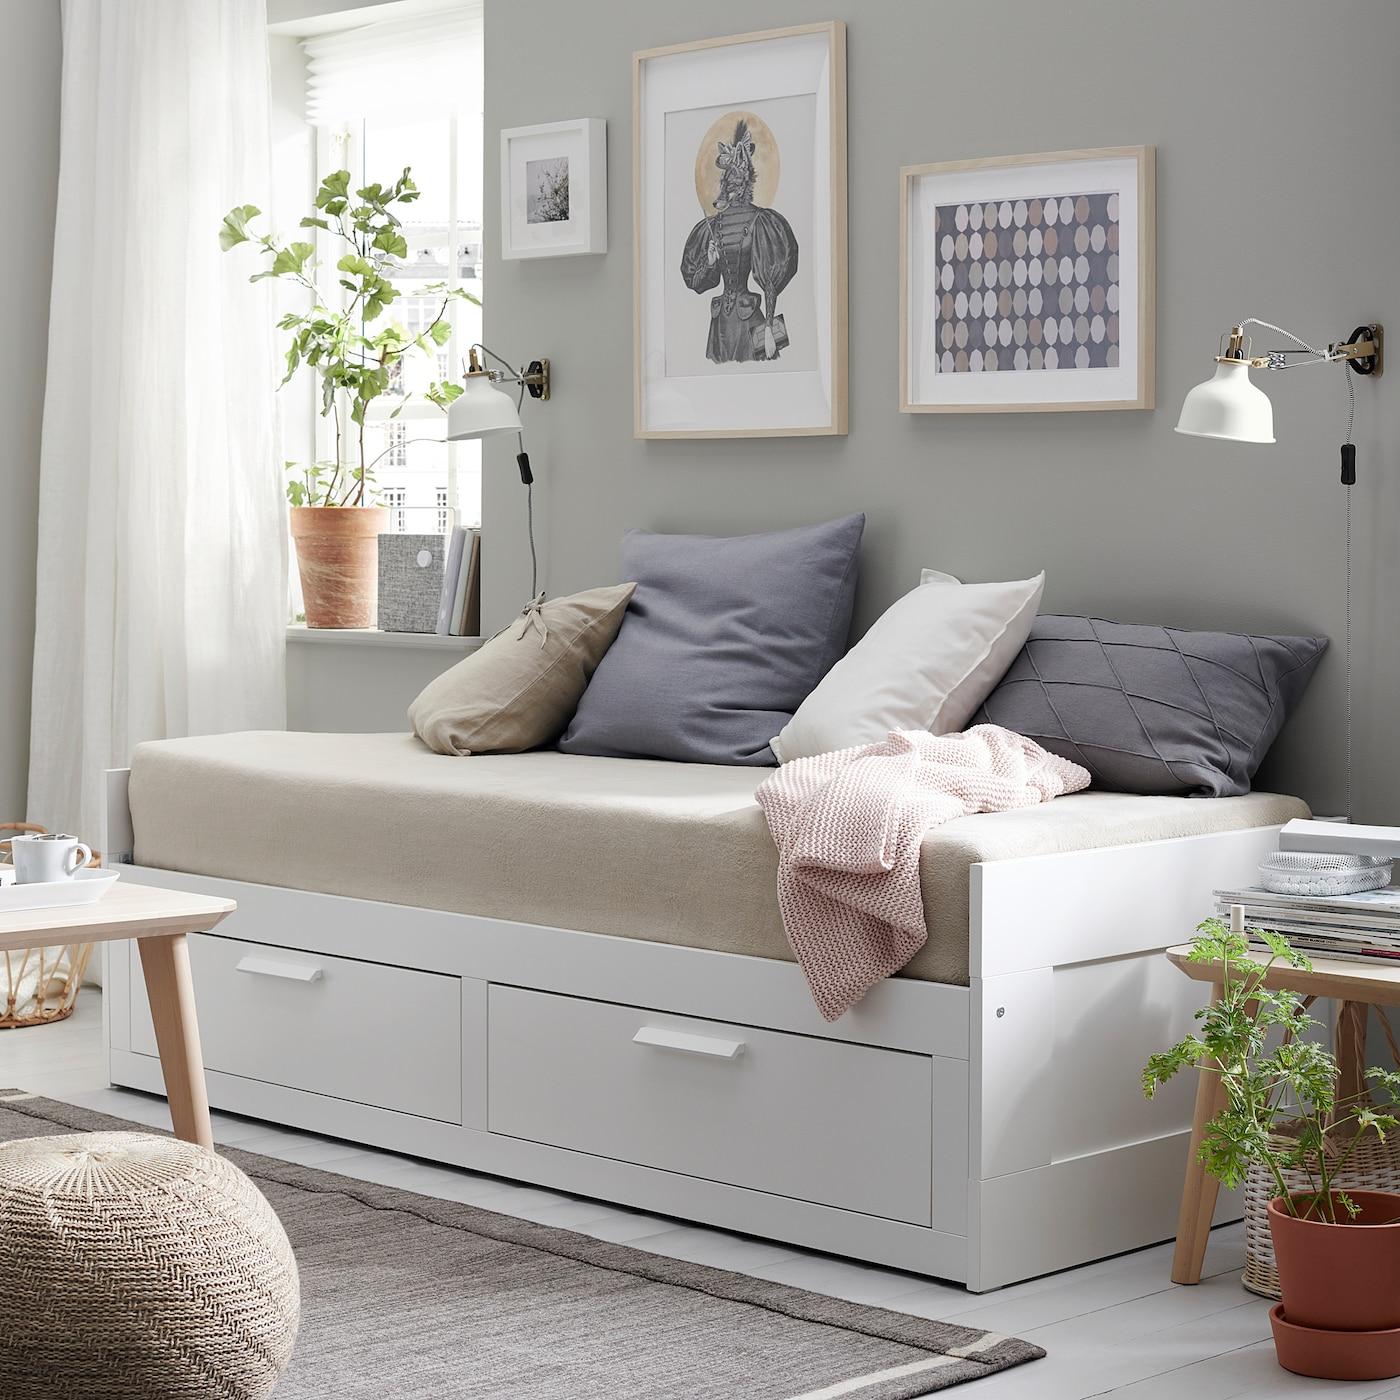 brimnes lit banquette 2 places structure blanc 80 x 200 cm ikea. Black Bedroom Furniture Sets. Home Design Ideas